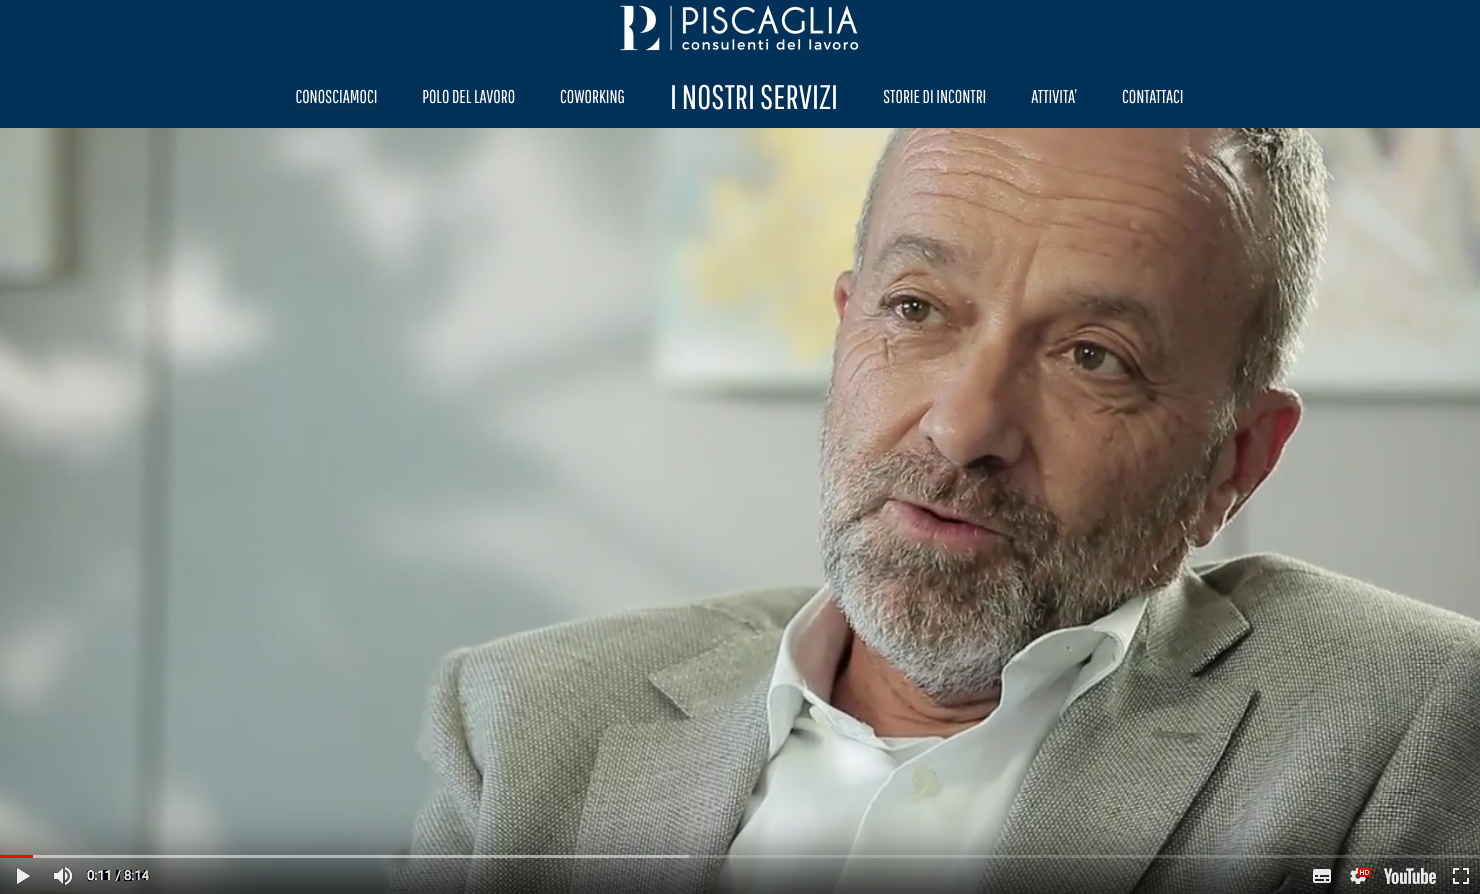 piscaglia MIRNA CASADEI HOME STAGING DETTO FATTO RAI DUE IMMOBILIARE ROMAGNA2